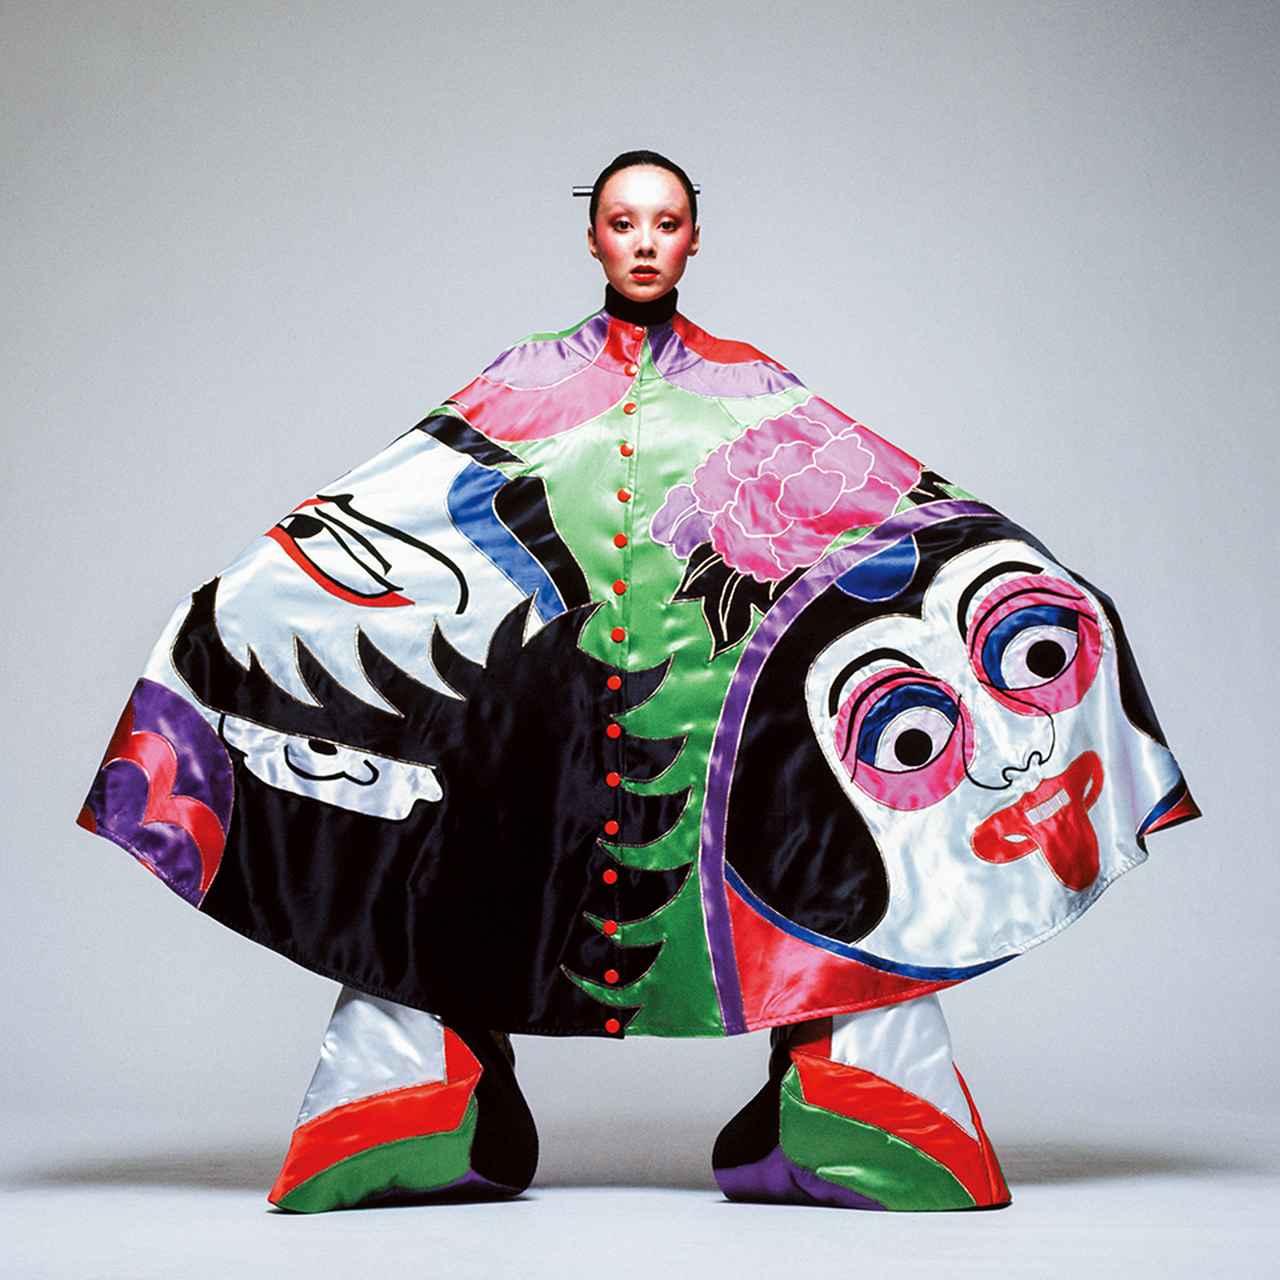 Images : 1番目の画像 - 「ファッション界随一の ファンタジスト、 山本寛斎が再ブームに<前編>」のアルバム - T JAPAN:The New York Times Style Magazine 公式サイト